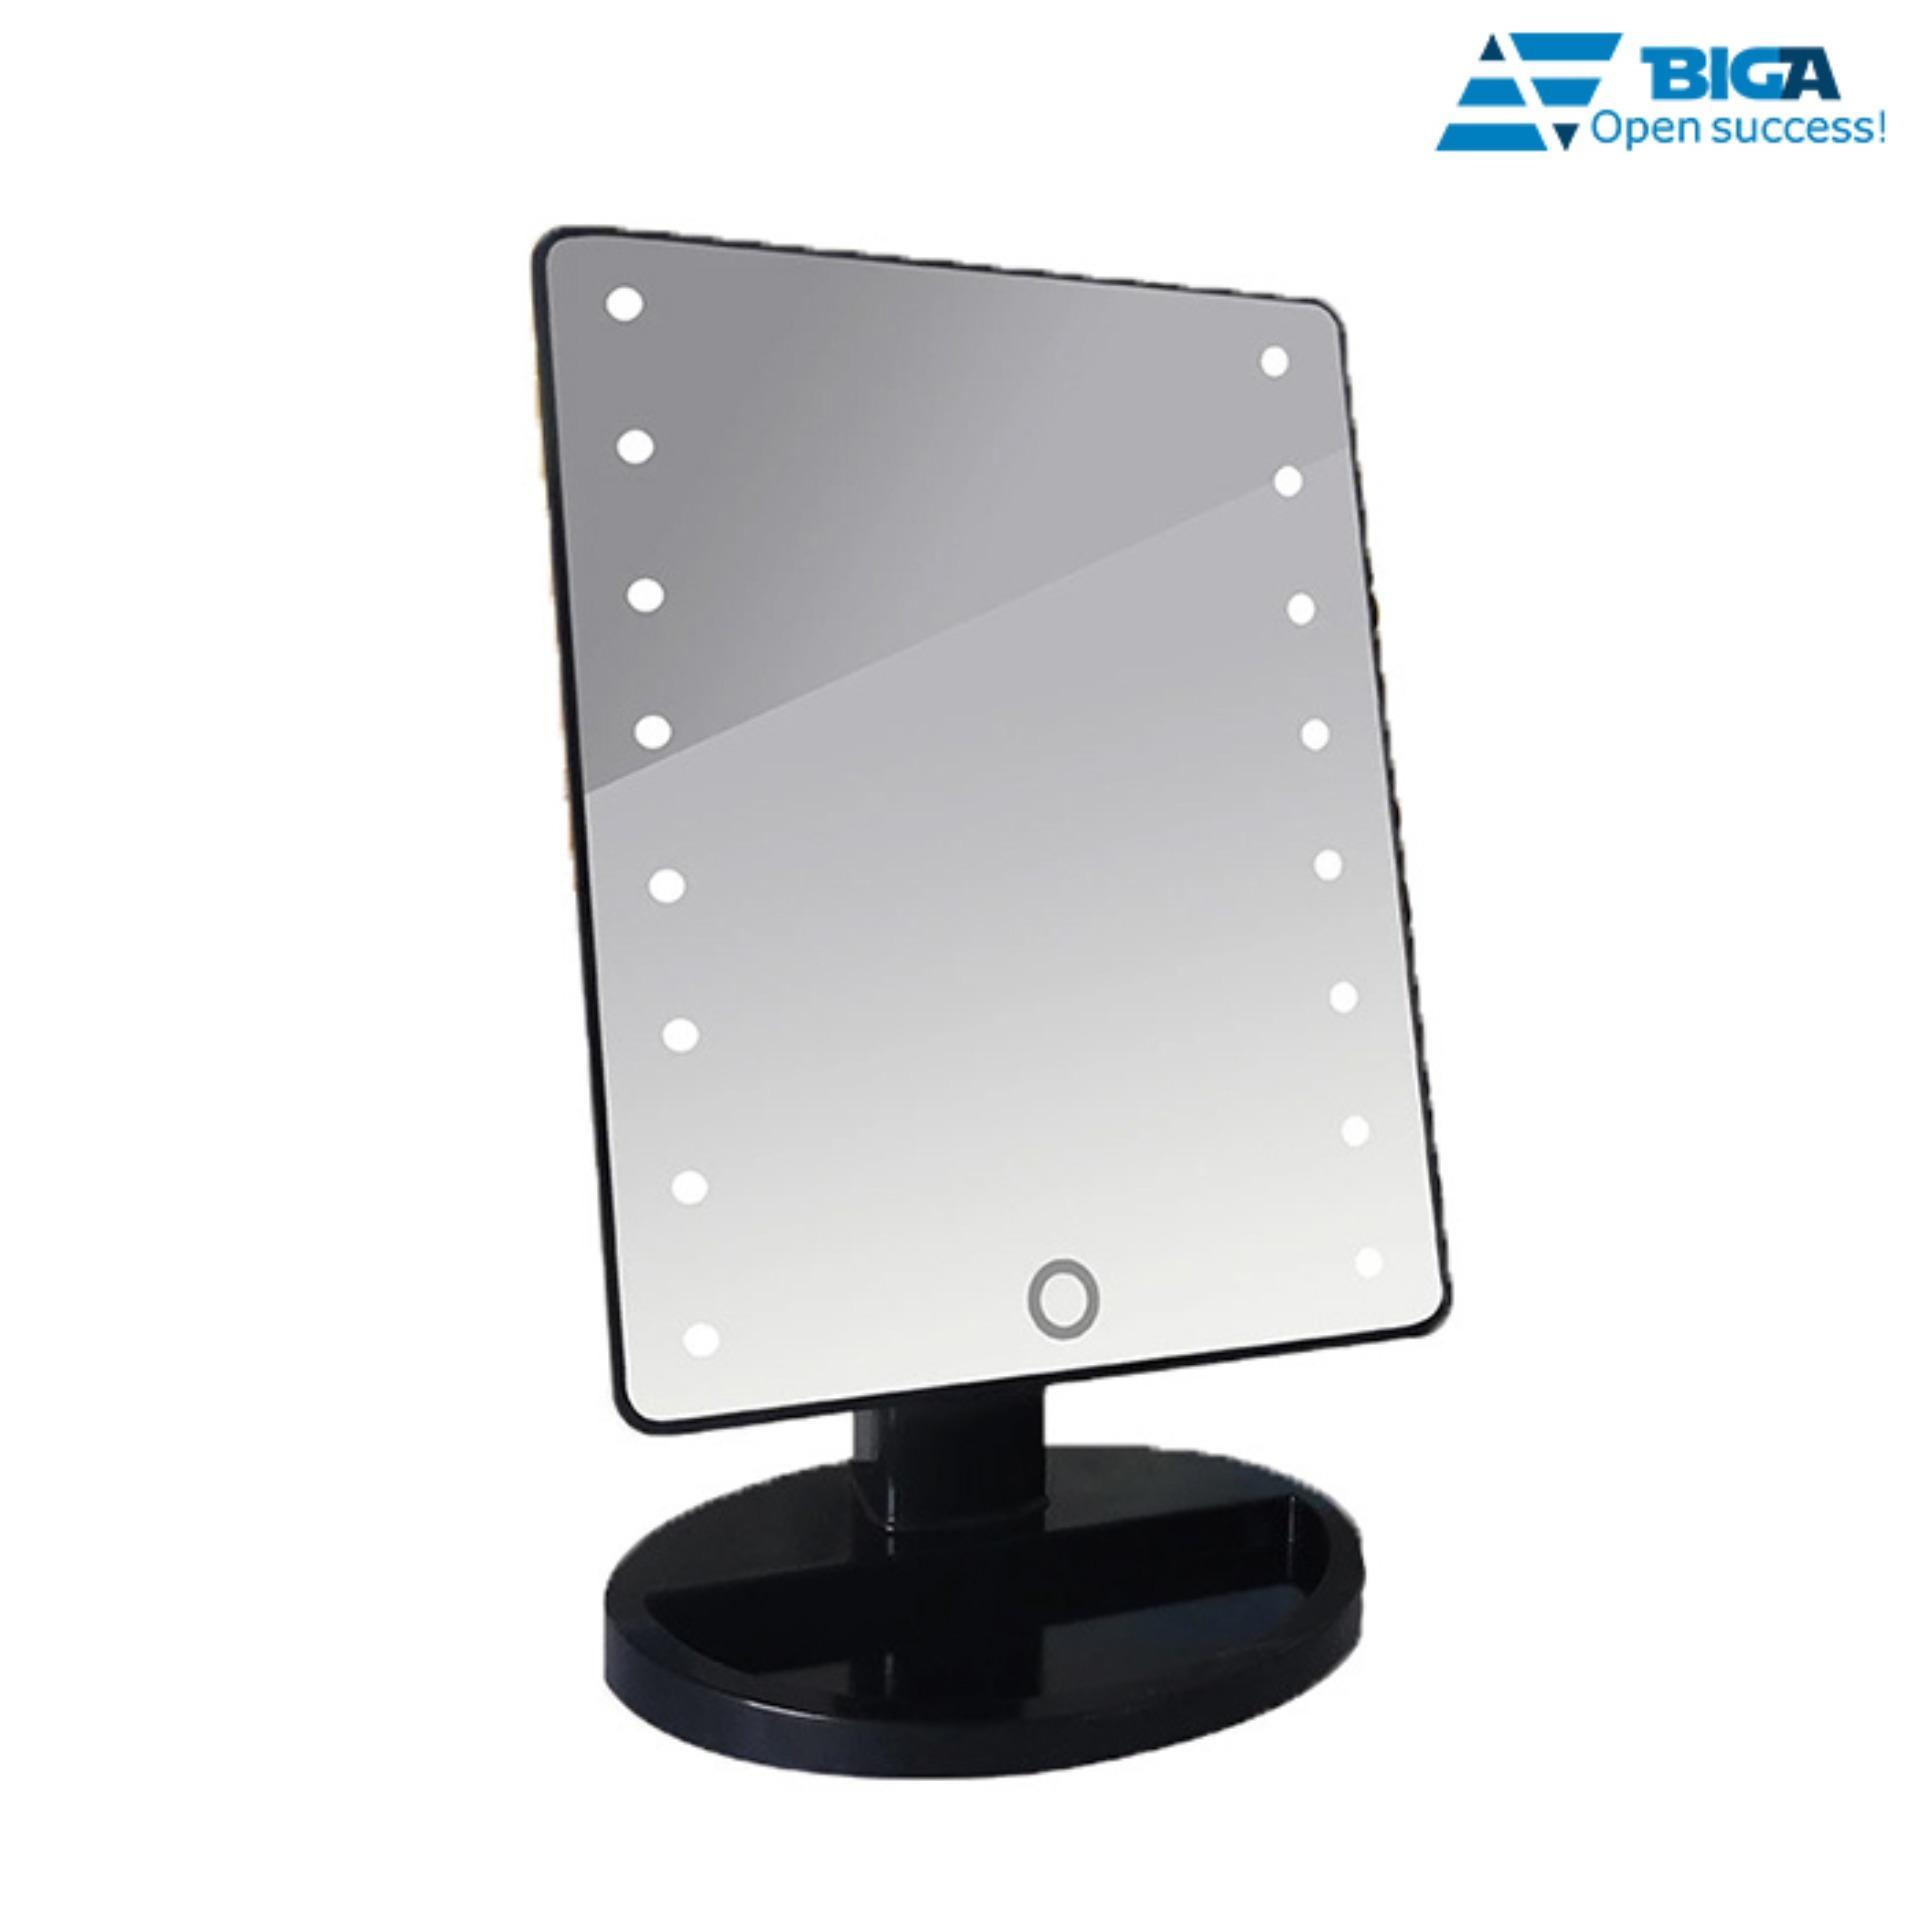 Gương Trang Điểm Đẳng Cấp Có Đèn 16 Led (Màu Sắc Ngẫu Nhiên) US05241 tốt nhất